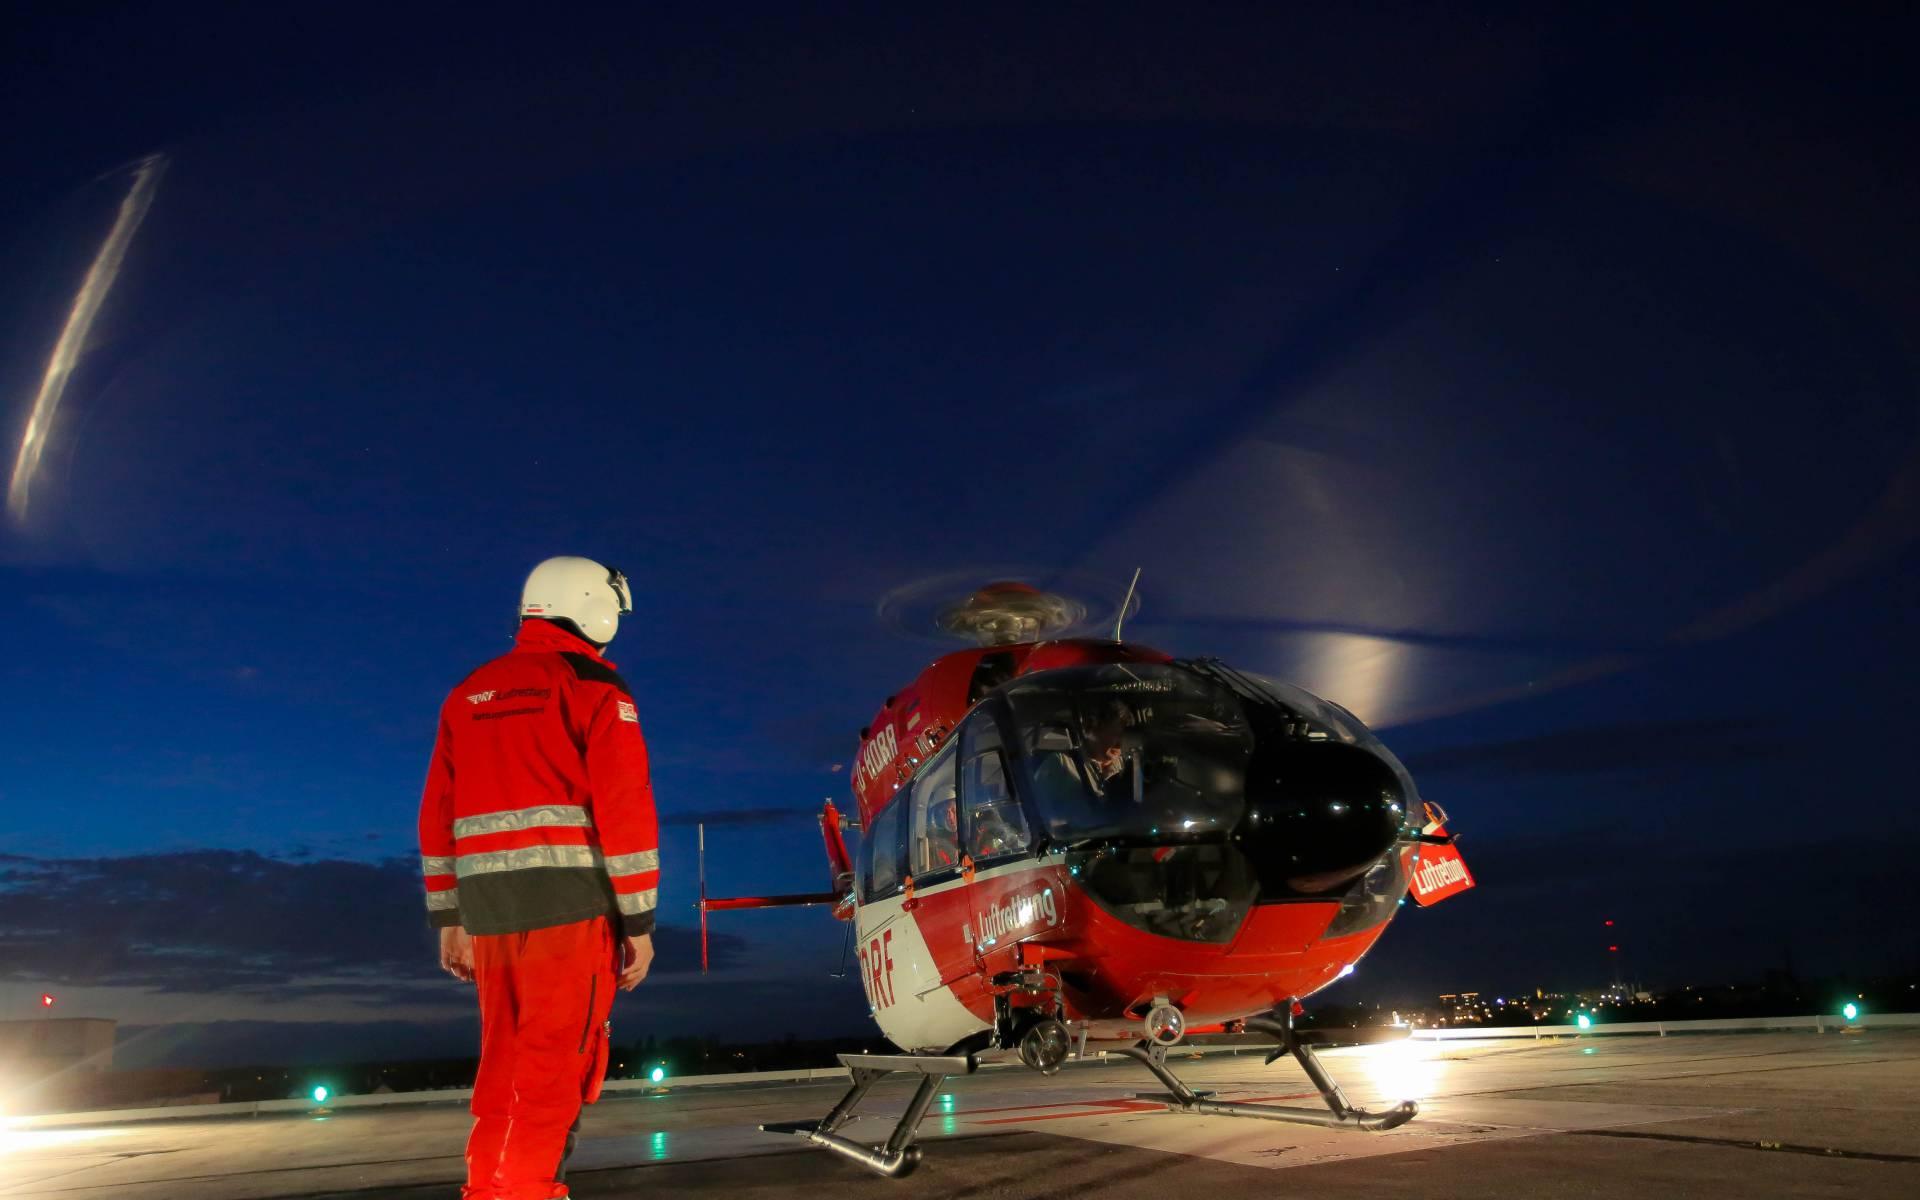 Ob bei Tag oder Nacht: Seit über 25 Jahren ist der Hubschrauber der DRF Luftrettung in Hannover rund um die Uhr einsatzbereit, um Menschen in Not zu helfen. (Foto: Maike Glöckner)